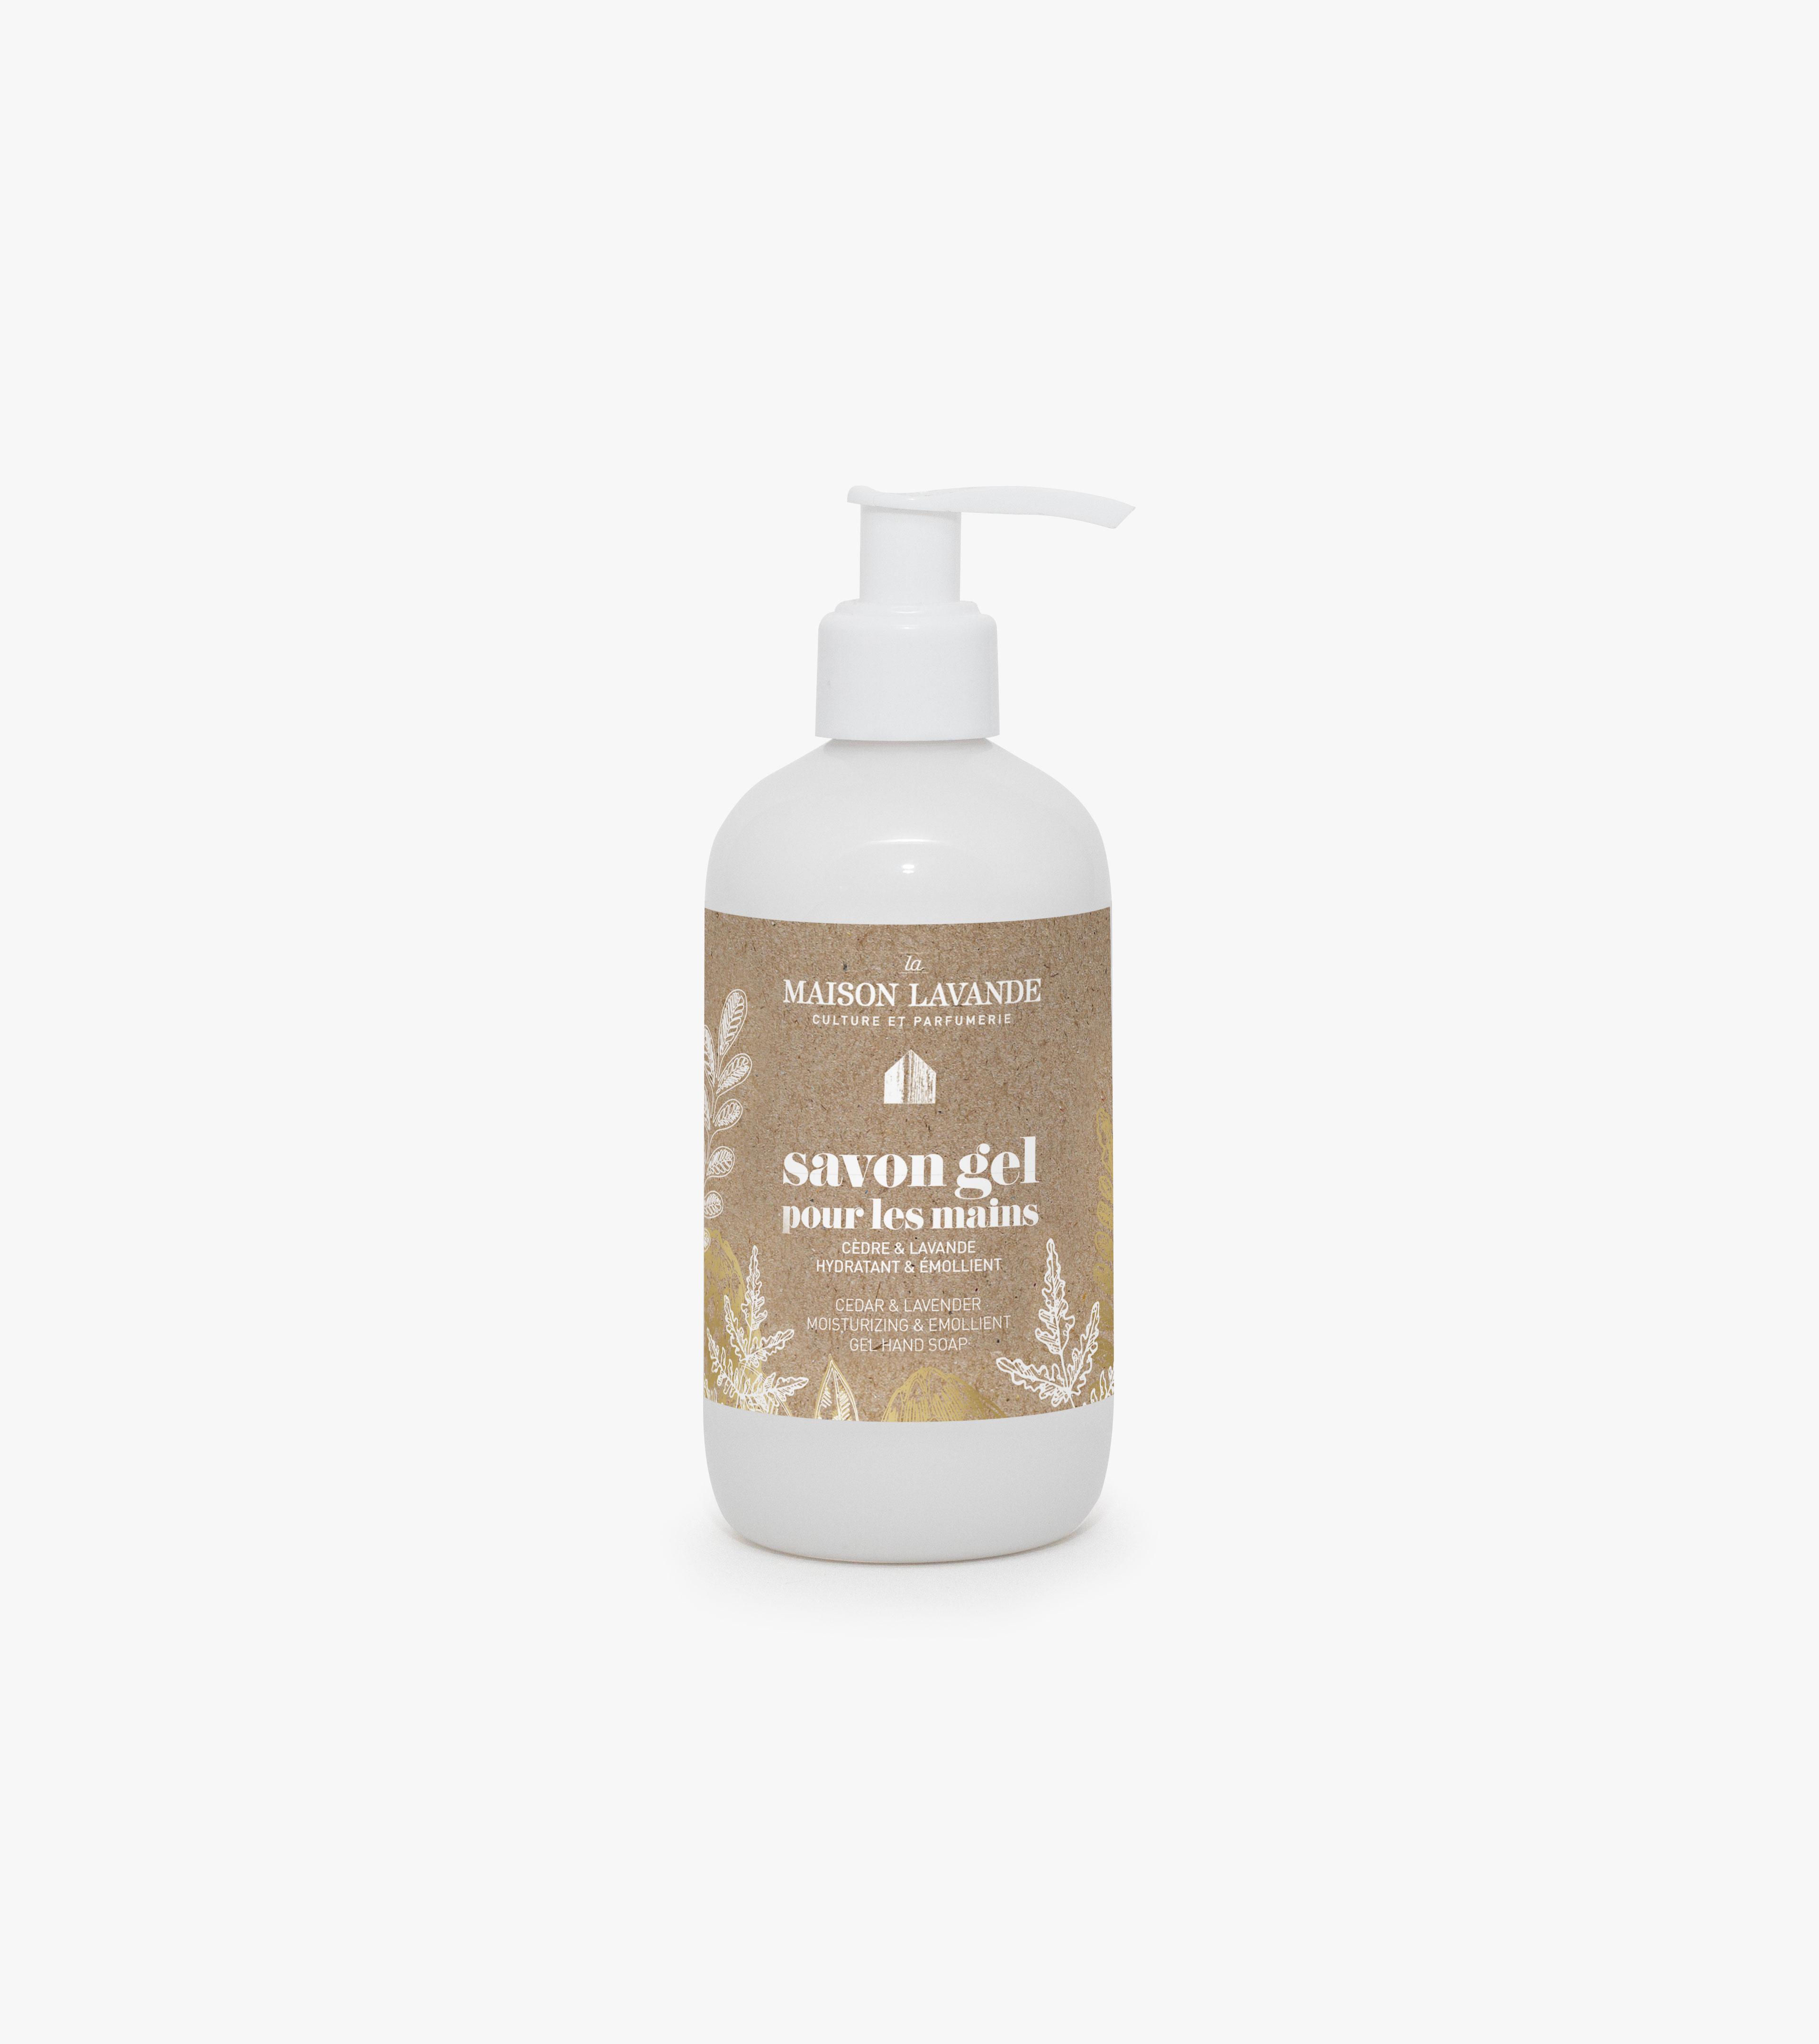 Savon pour les mains - Cèdre & lavande - 250ml